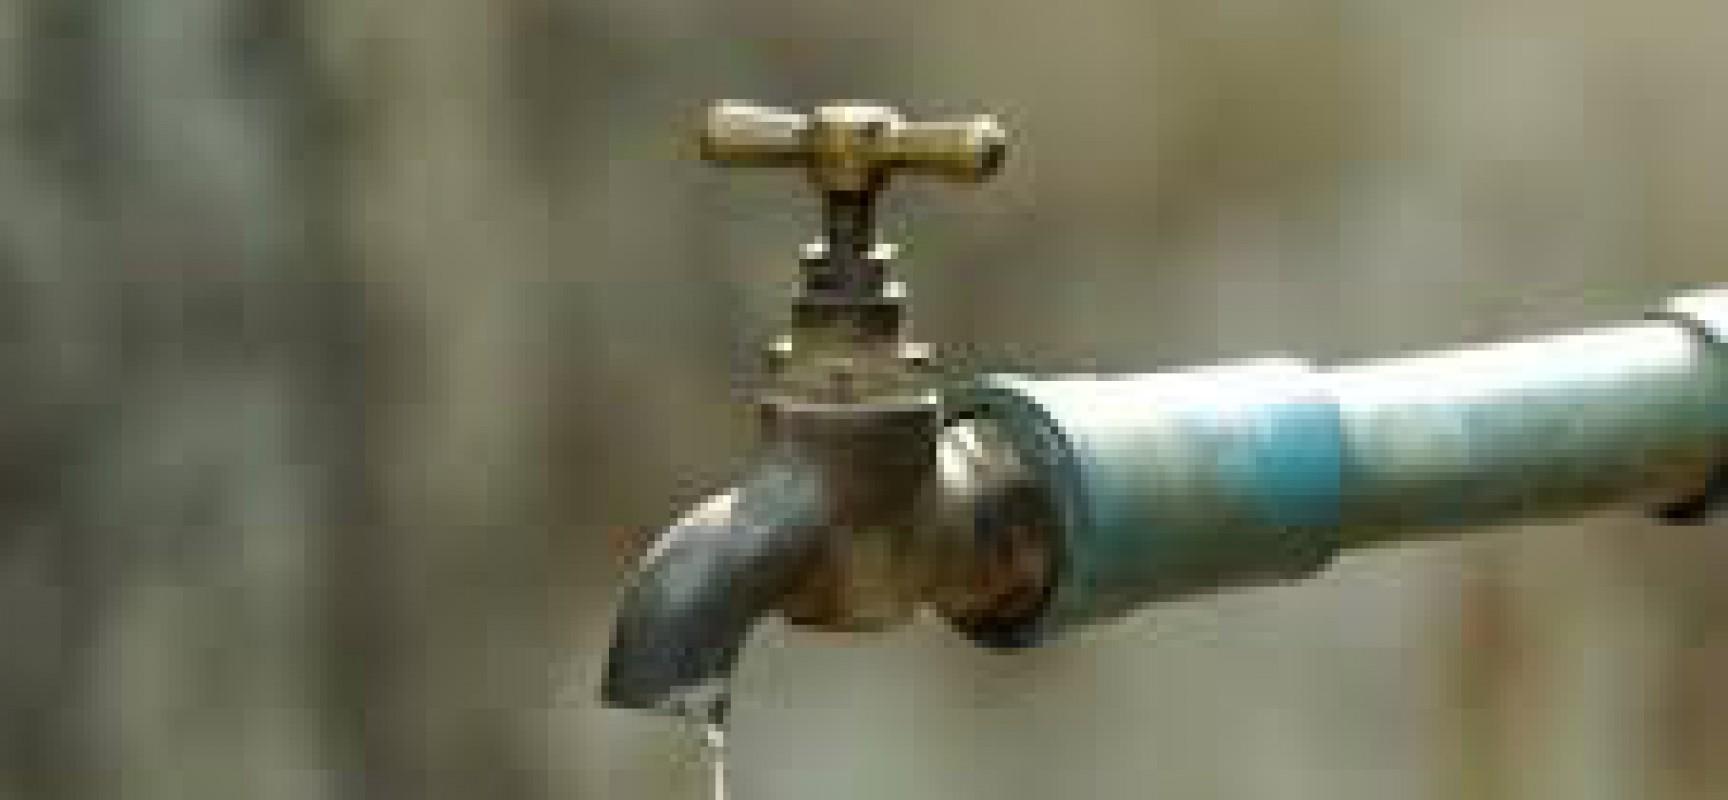 Ανακοίνωση για την ορθή και χρηστή κατανάλωση του πόσιμου νερού λόγω καύσωνα